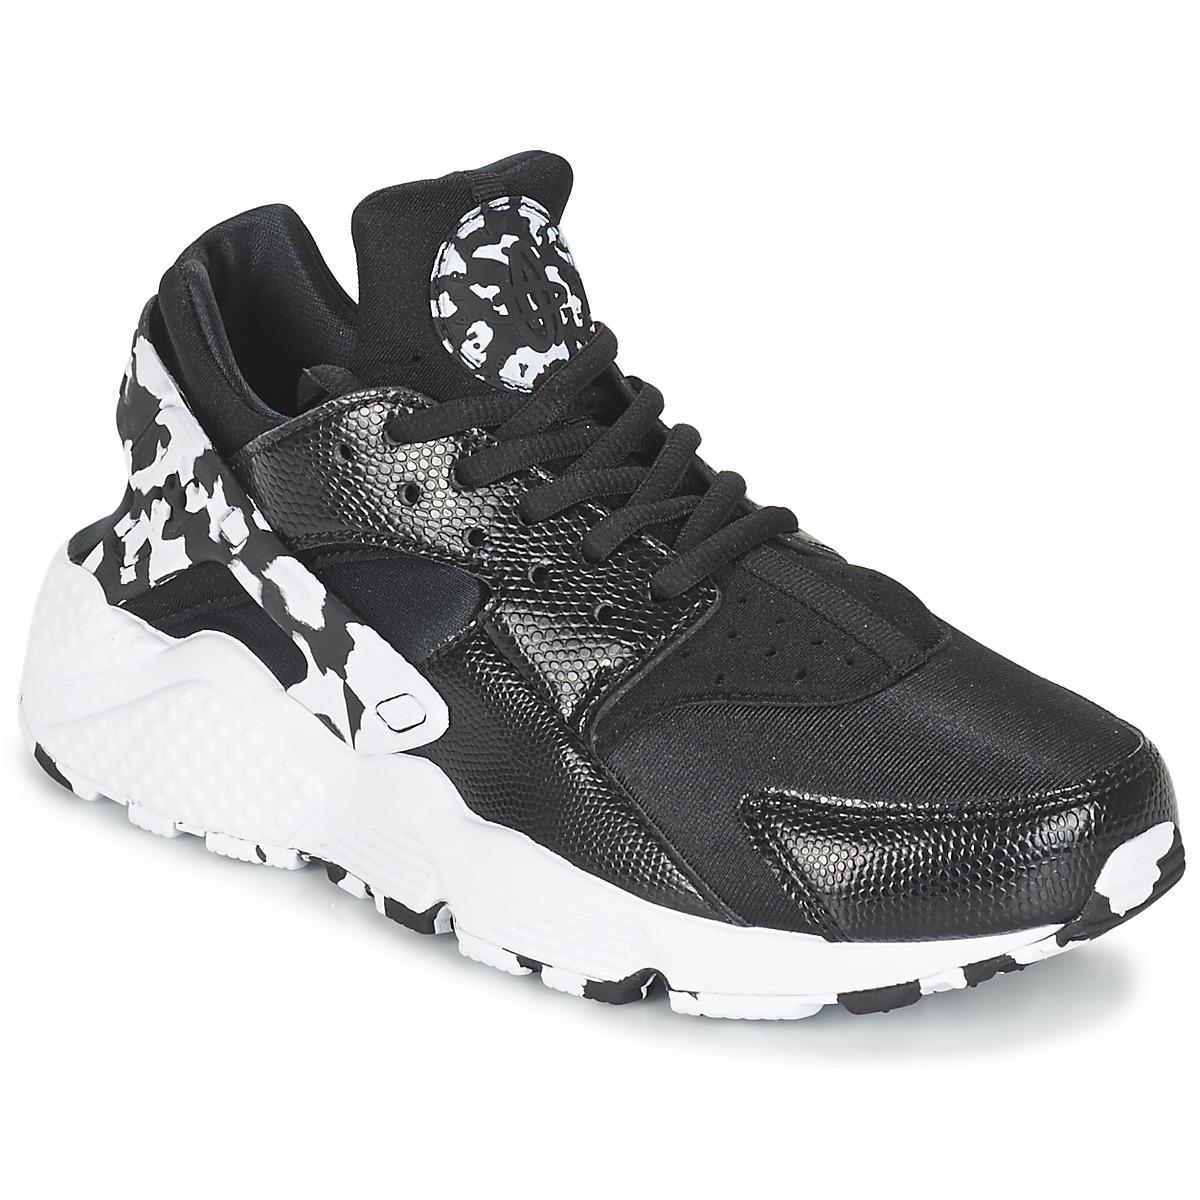 Nike AIR HUARACHE RUN SE W Schwarz / Weiss - Kostenloser Versand bei Spartoode ! - Schuhe Sneaker Low Damen 77,40 €